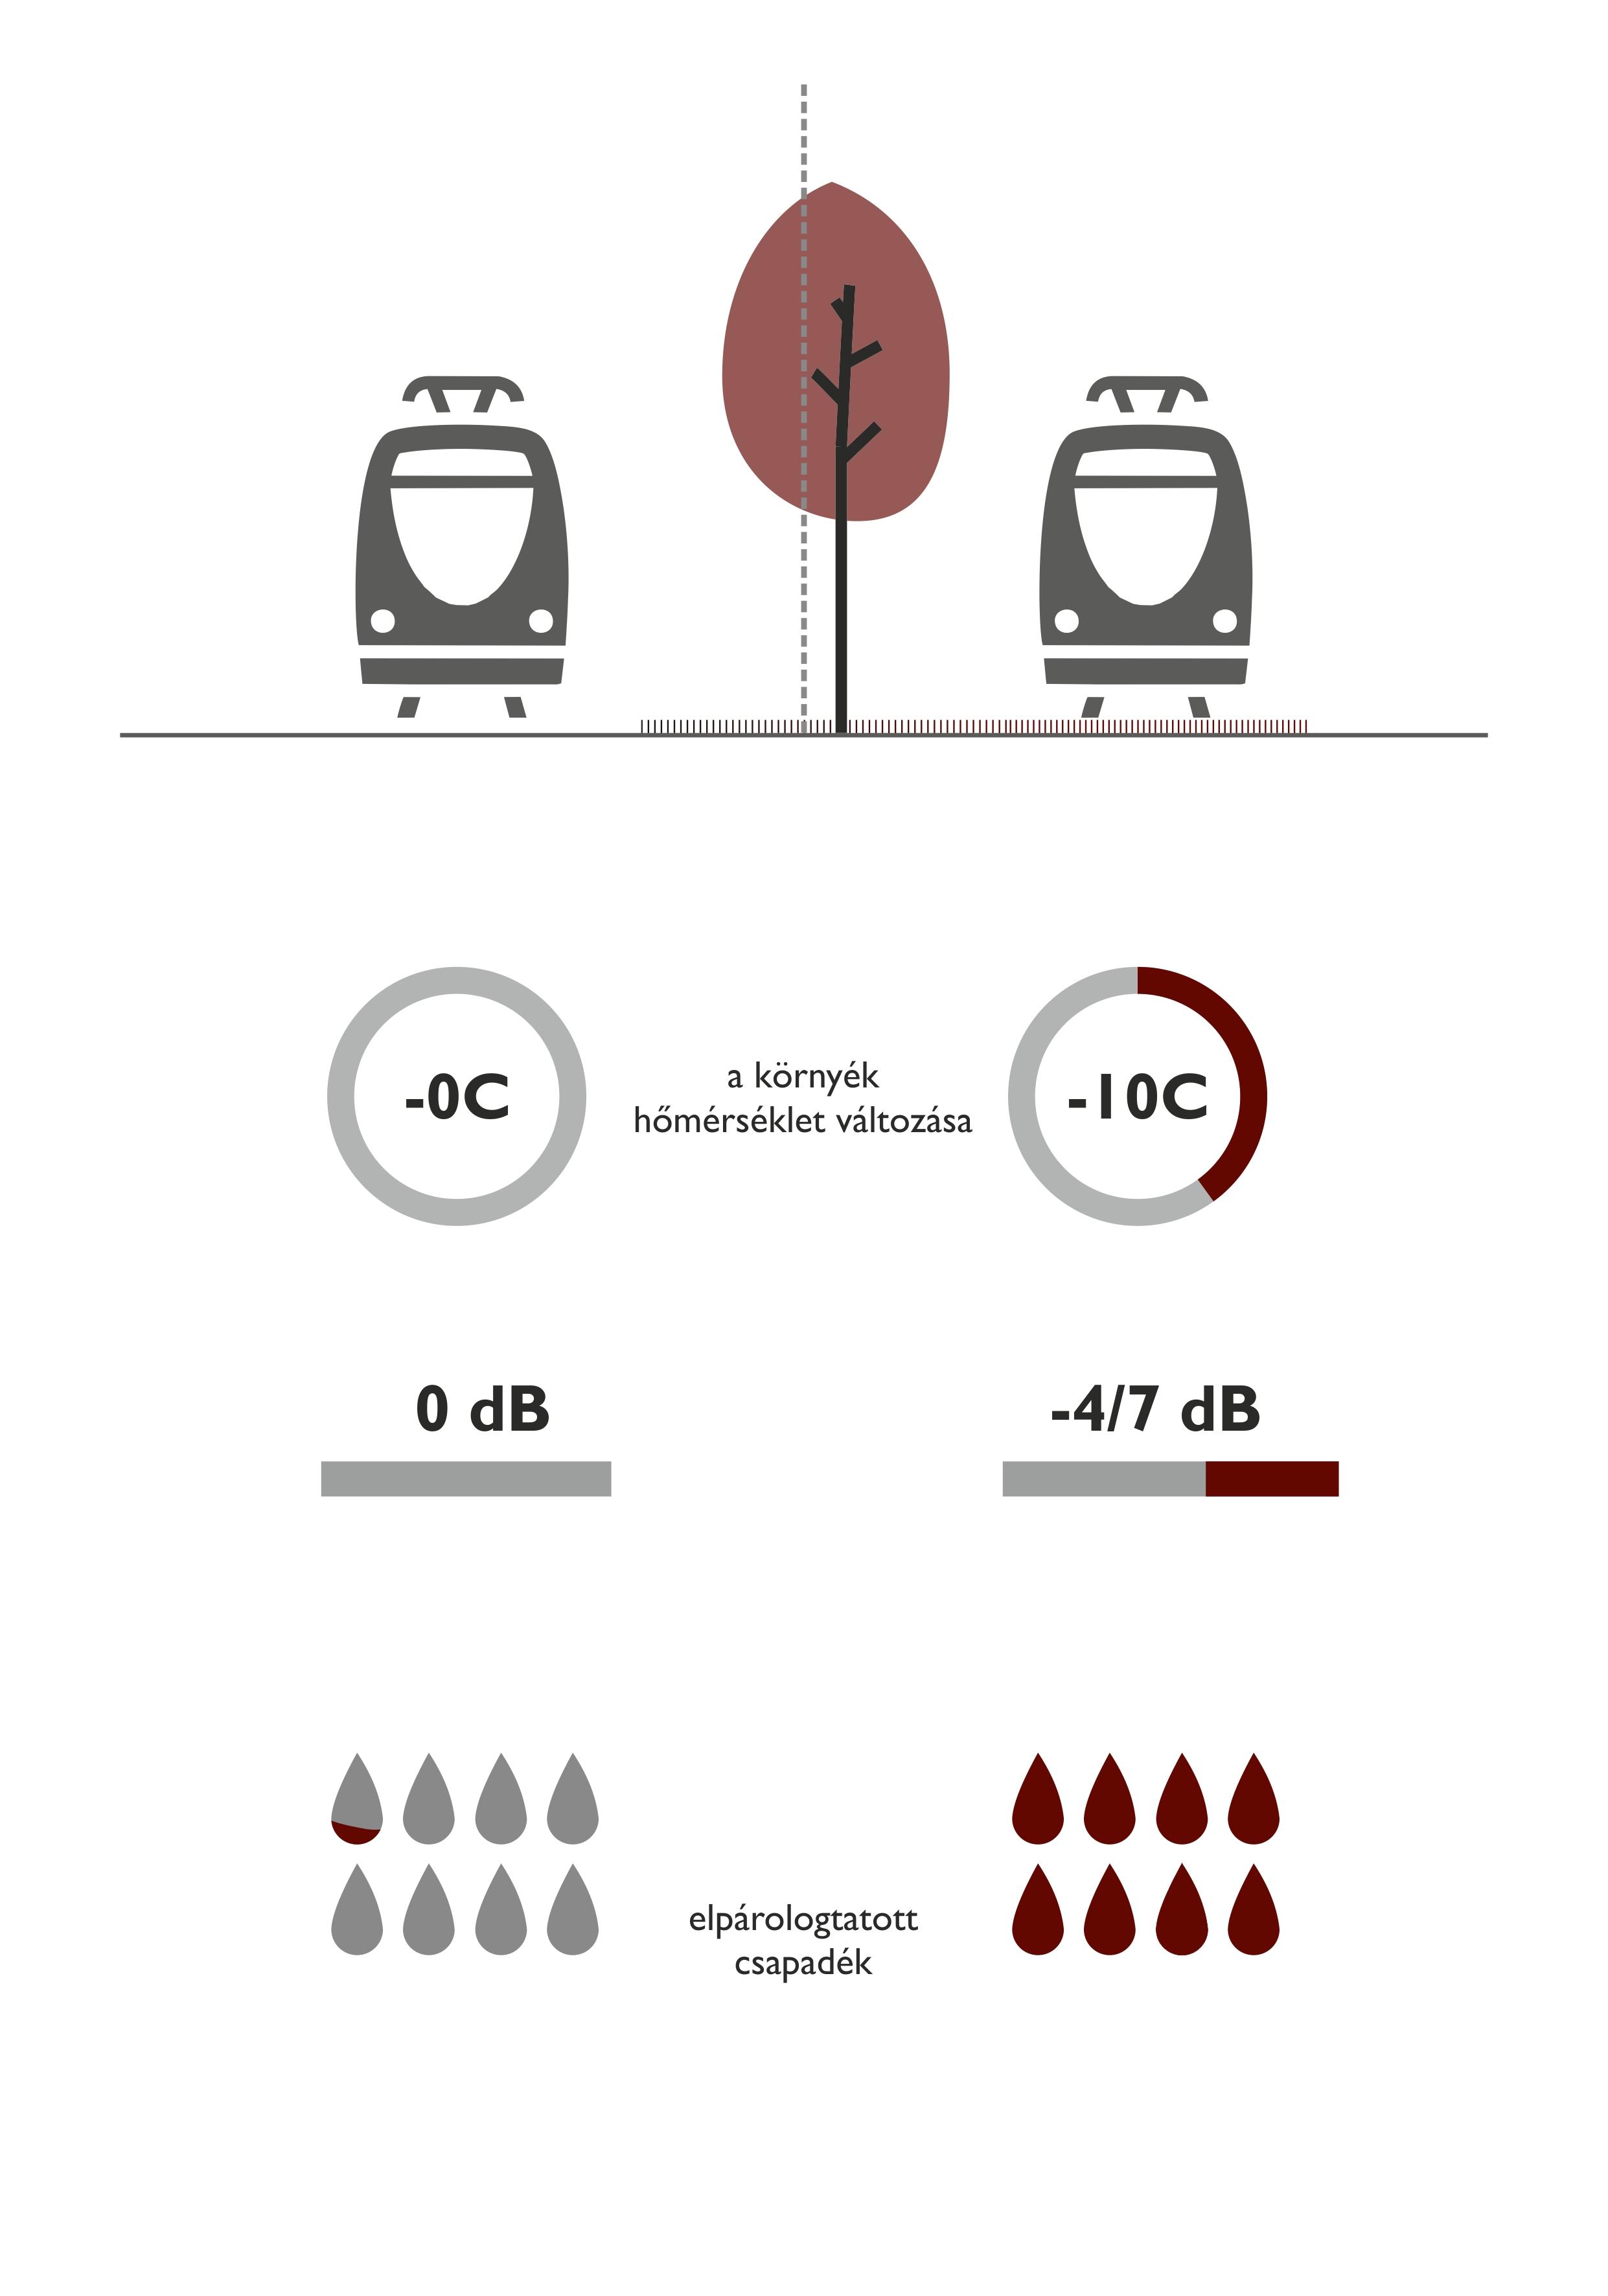 Hagyományos és gyepes villamos pályák közti különbség (saját szerkesztés)